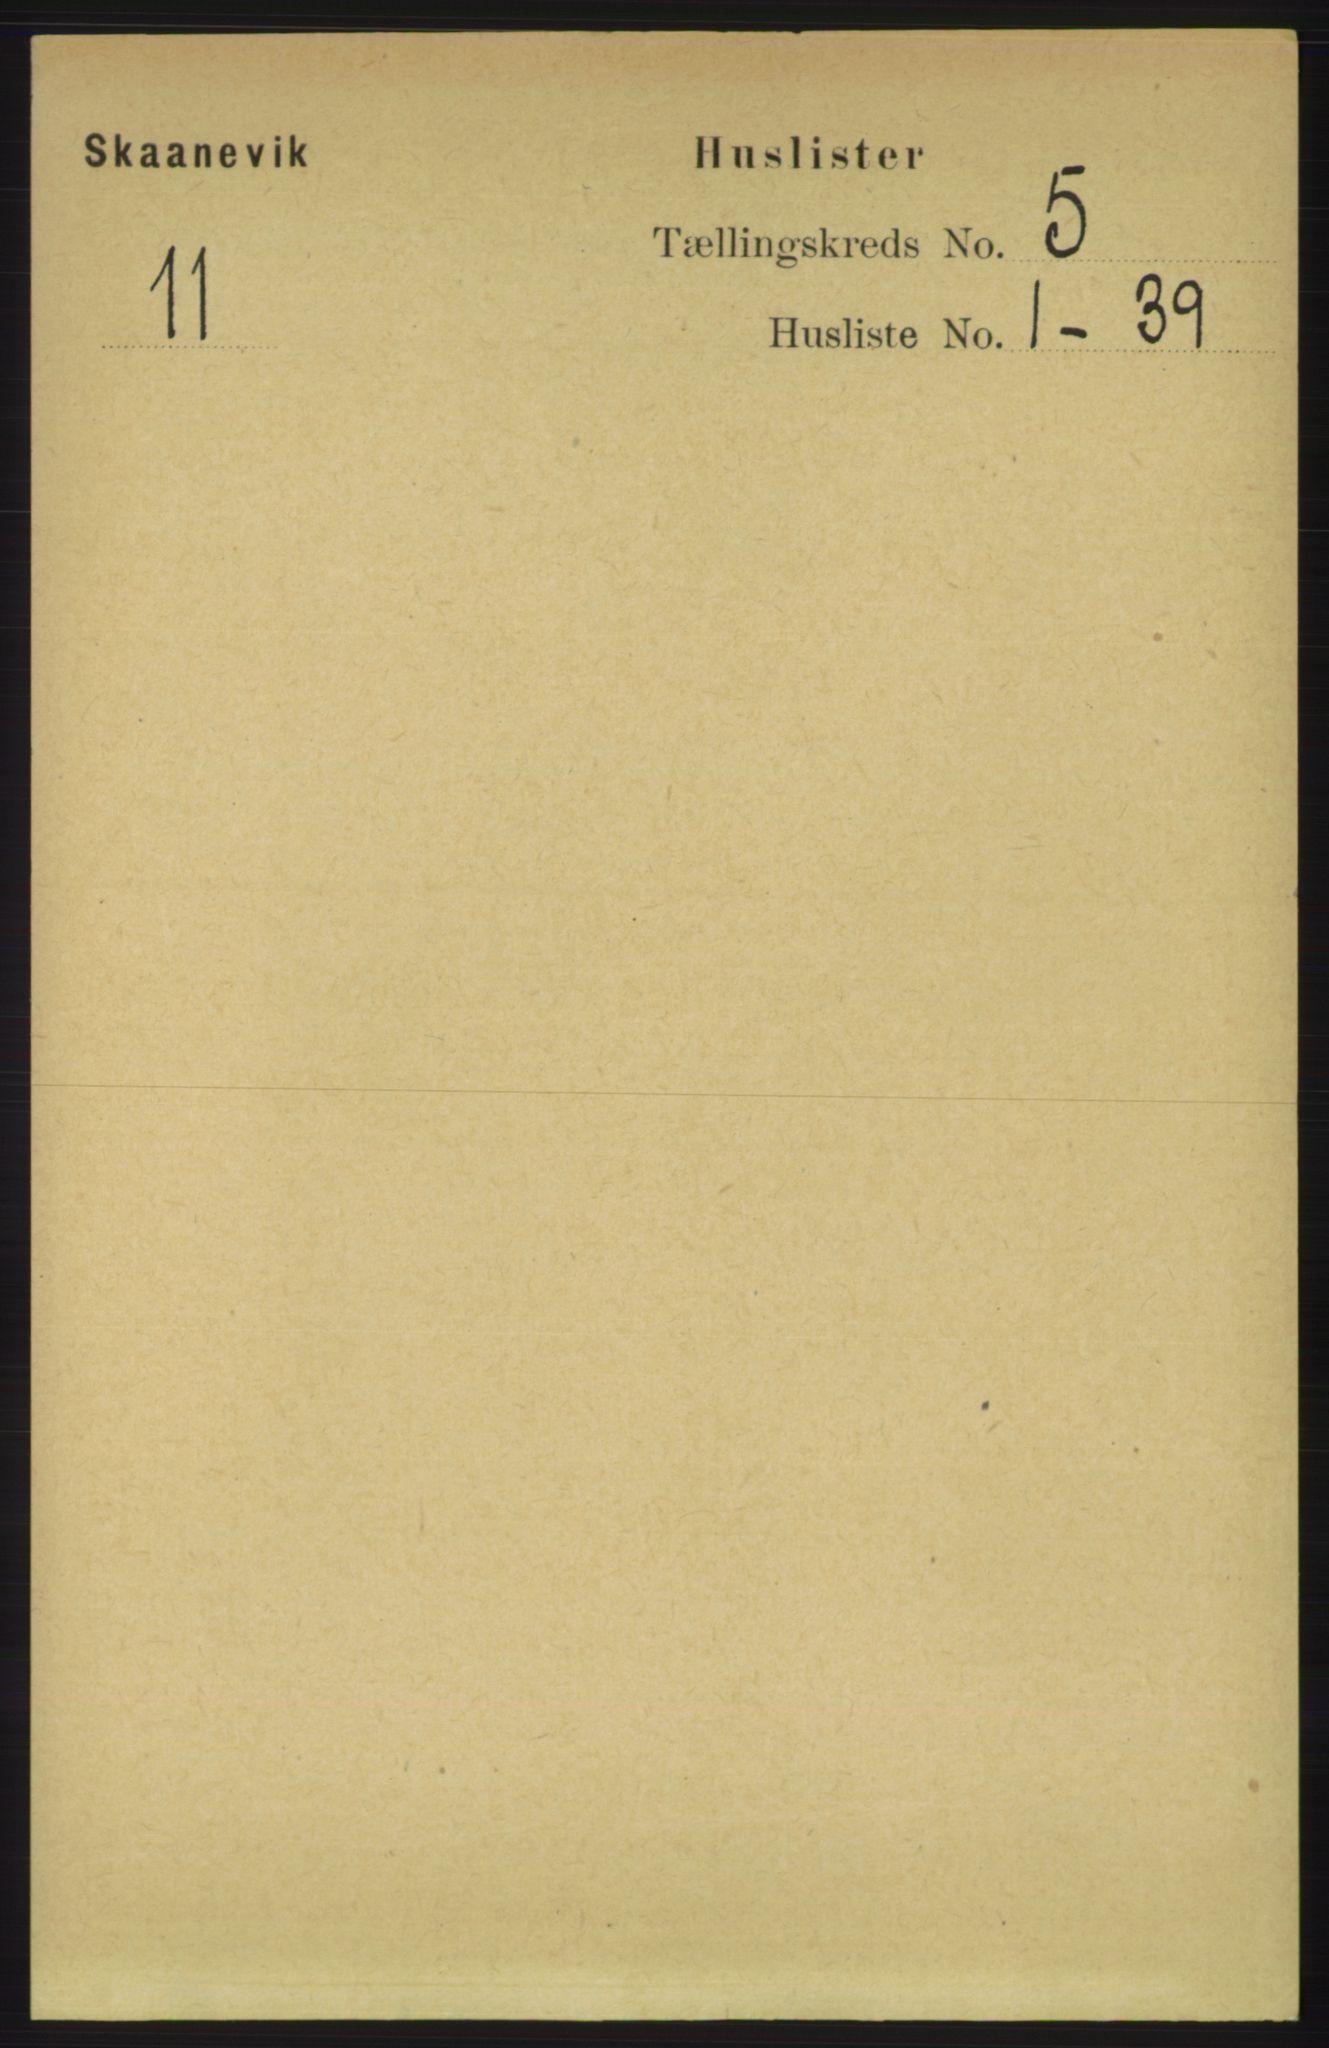 RA, Folketelling 1891 for 1212 Skånevik herred, 1891, s. 1220